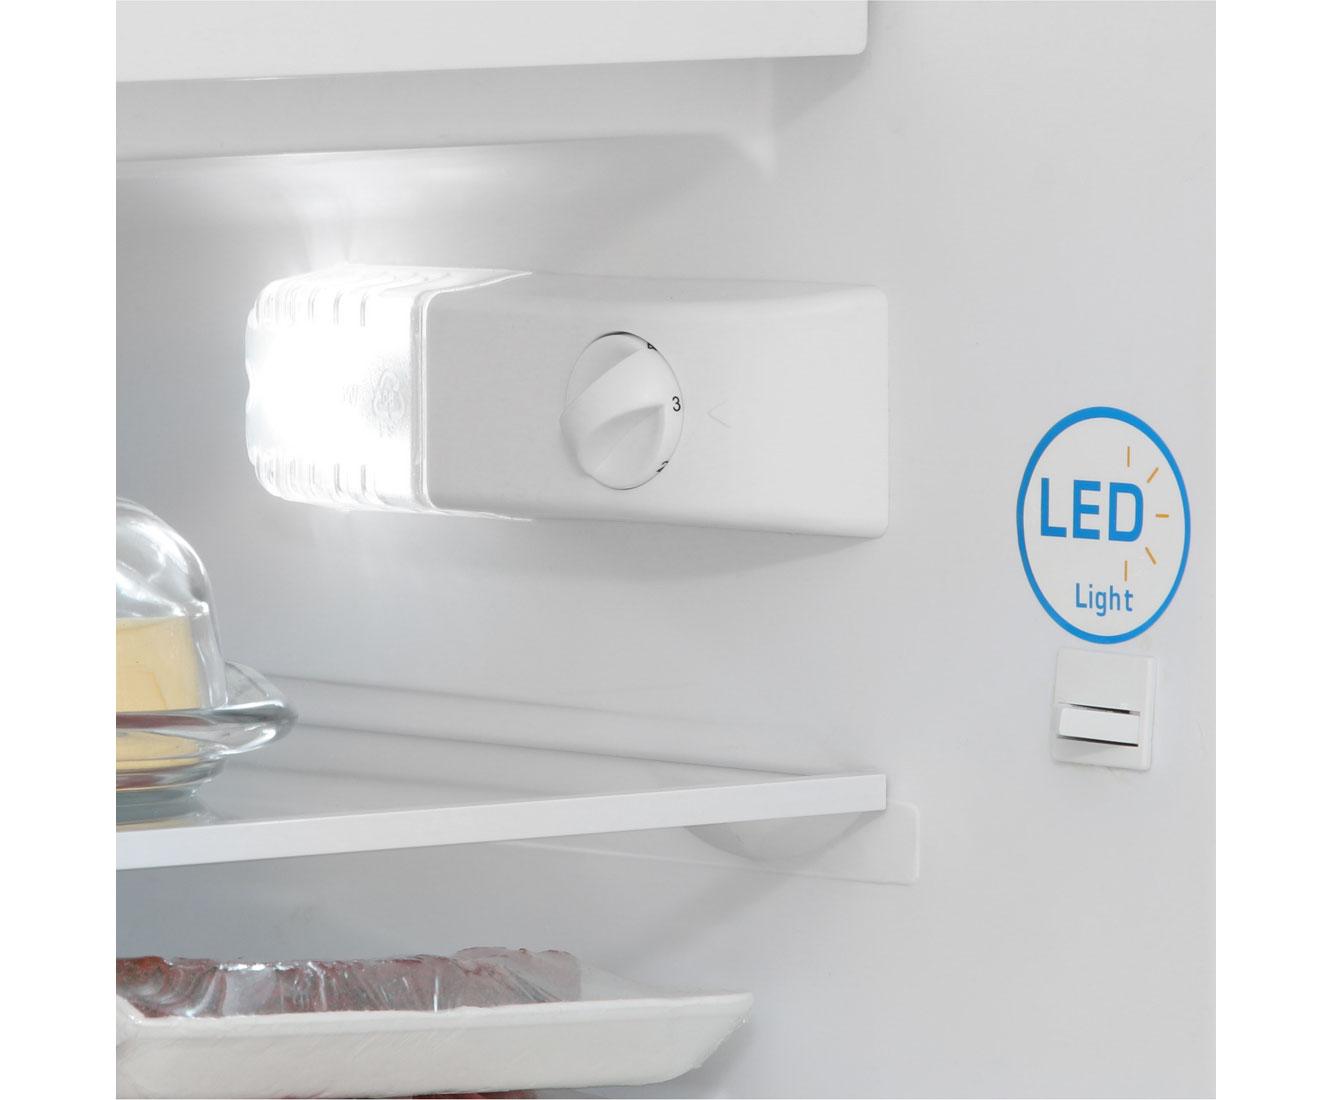 Amica Kühlschrank Schublade : Amica uks 16157 unterbau kühlschrank mit gefrierfach 82er nische a